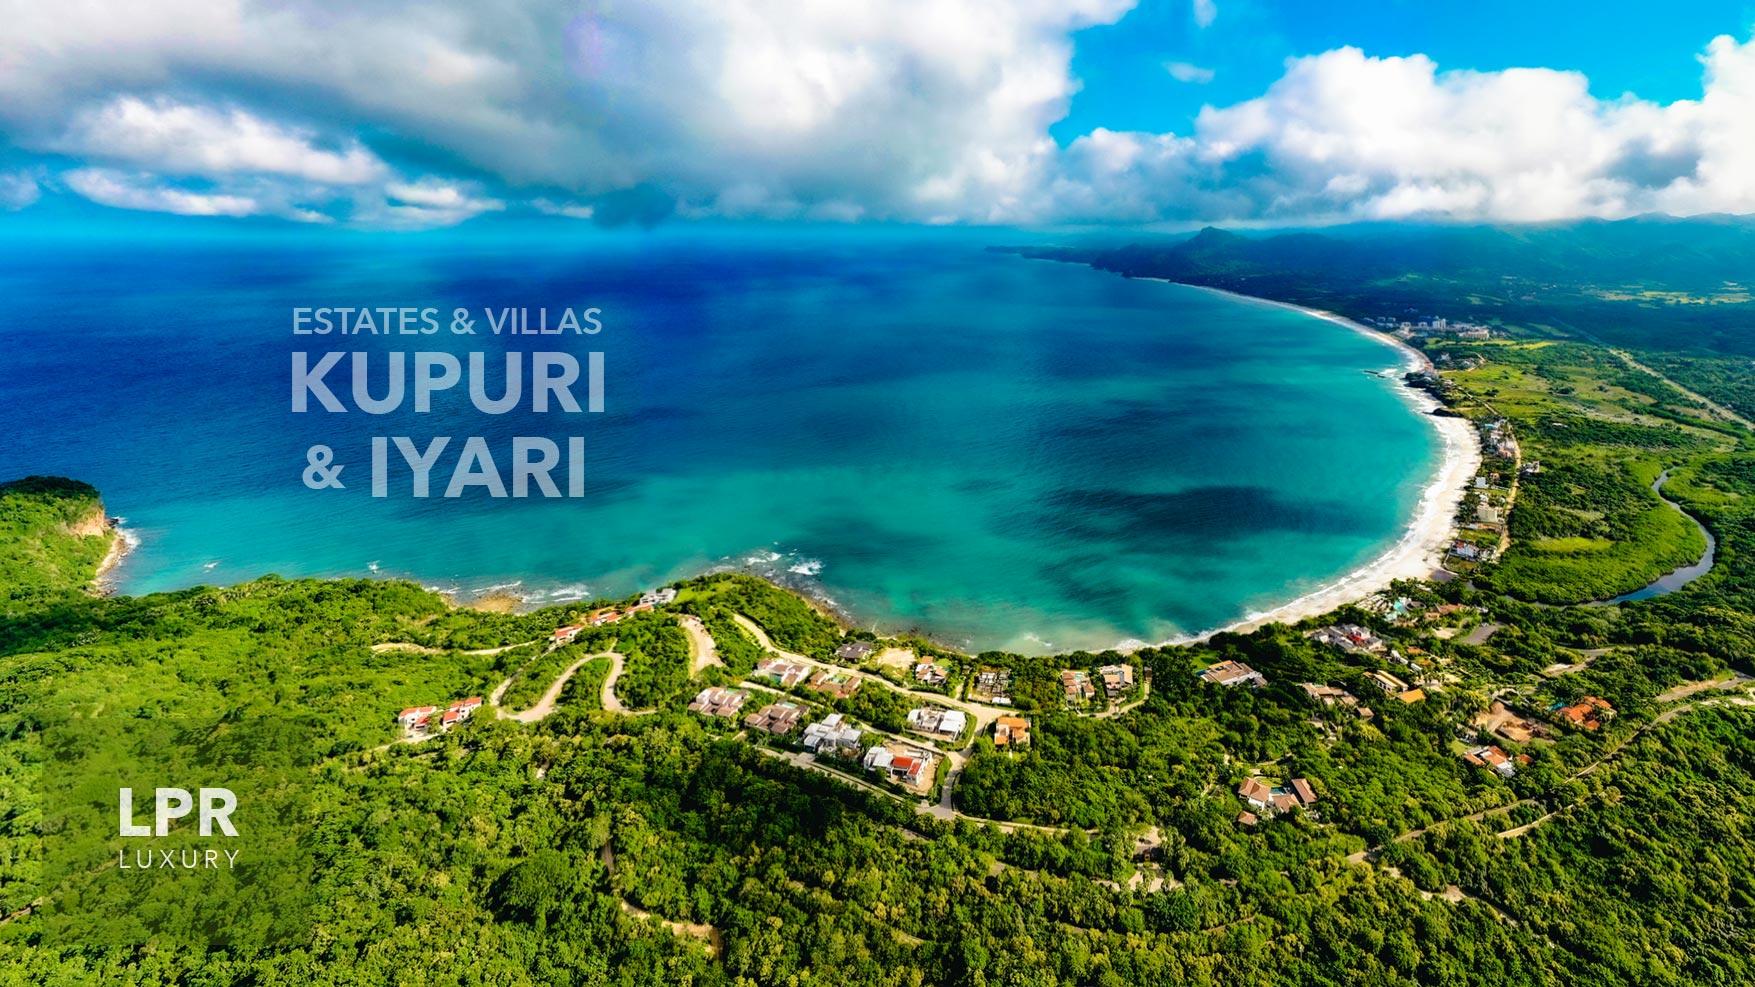 Kupuri & IYARI Estates and Villas at the Punta Mita Resort, Riviera Nayarit, Mexico